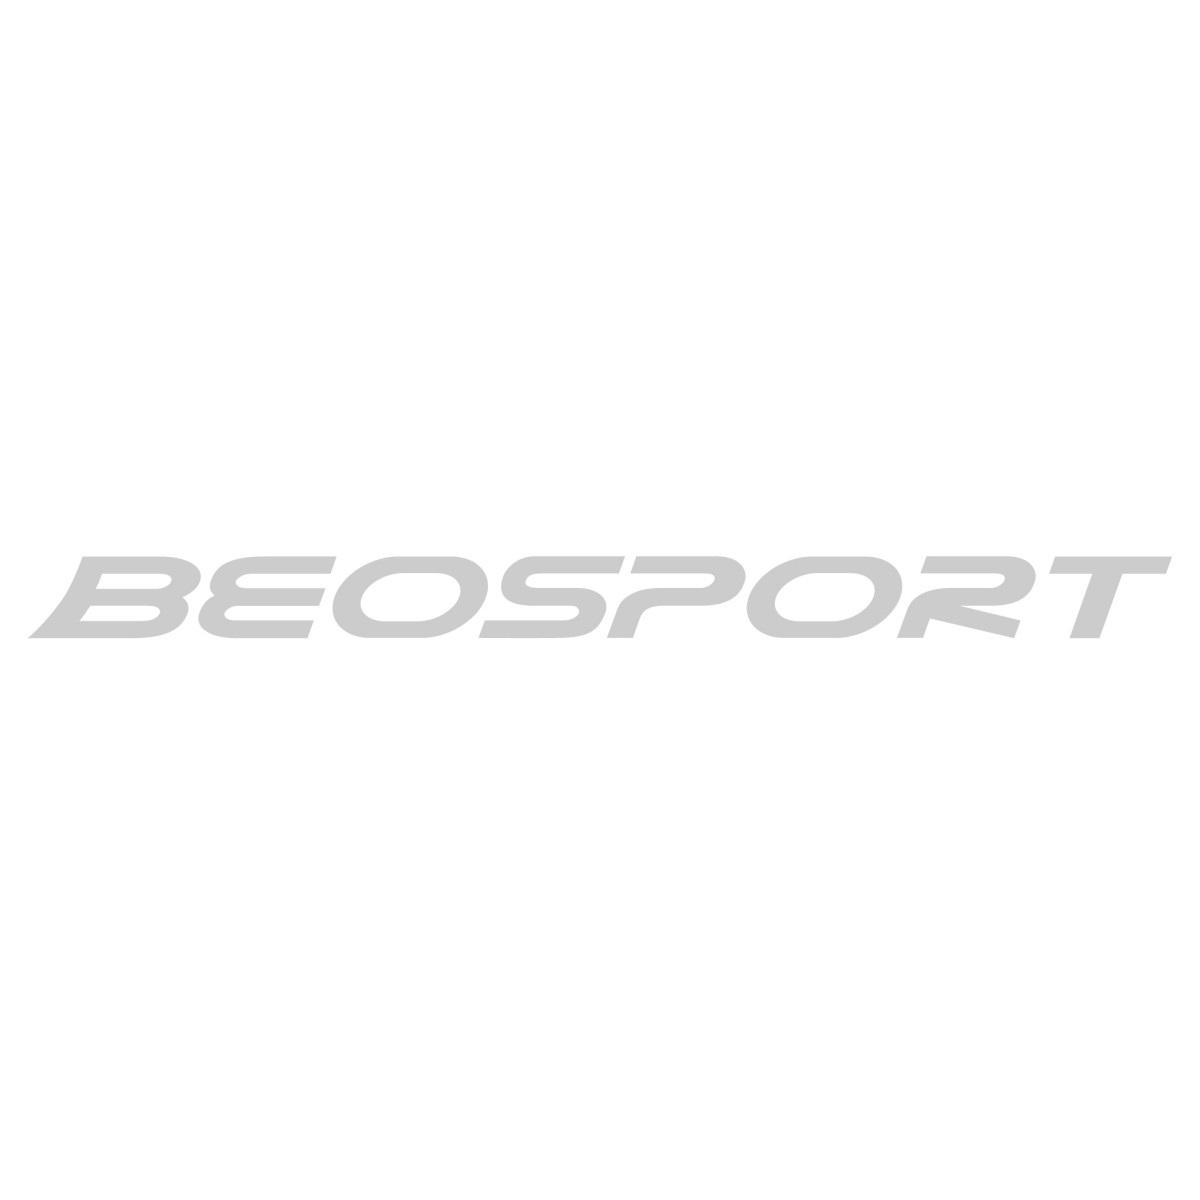 Specialized Bg Sport rukavice